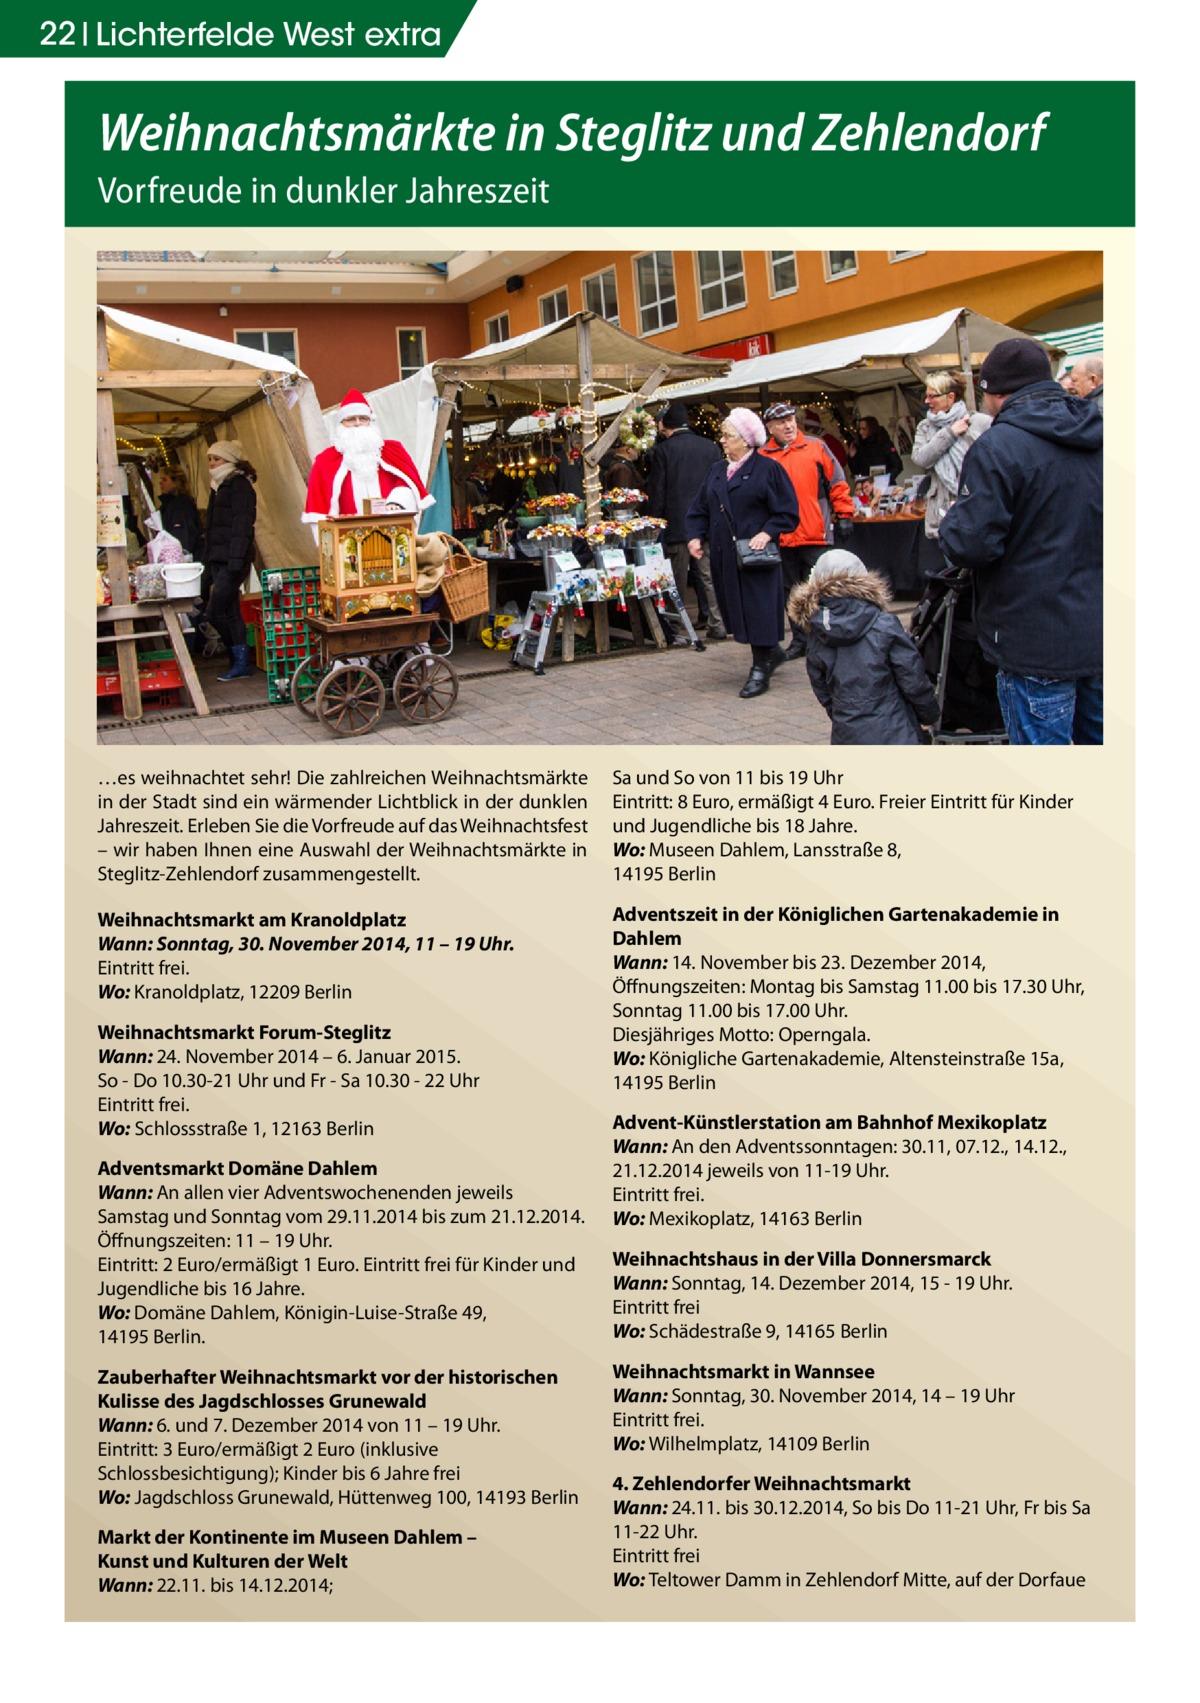 22 Lichterfelde West extra  Weihnachtsmärkte in Steglitz und Zehlendorf Vorfreude in dunkler Jahreszeit  …es weihnachtet sehr! Die zahlreichen Weihnachtsmärkte in der Stadt sind ein wärmender Lichtblick in der dunklen Jahreszeit. Erleben Sie die Vorfreude auf das Weihnachtsfest – wir haben Ihnen eine Auswahl der Weihnachtsmärkte in Steglitz-Zehlendorf zusammengestellt.  Sa und So von 11 bis 19Uhr Eintritt: 8Euro, ermäßigt 4Euro. Freier Eintritt für Kinder und Jugendliche bis 18Jahre. Wo: Museen Dahlem, Lansstraße 8, 14195 Berlin  Weihnachtsmarkt am Kranoldplatz Wann: Sonntag, 30. November 2014, 11 – 19 Uhr. Eintritt frei. Wo: Kranoldplatz, 12209 Berlin  Adventszeit in der Königlichen Gartenakademie in Dahlem Wann: 14. November bis 23.Dezember 2014, Öffnungszeiten: Montag bis Samstag 11.00 bis 17.30Uhr, Sonntag 11.00 bis 17.00 Uhr. Diesjähriges Motto: Operngala. Wo: Königliche Gartenakademie, Altensteinstraße 15a, 14195 Berlin  Weihnachtsmarkt Forum-Steglitz Wann: 24. November 2014 – 6. Januar 2015. So - Do 10.30-21 Uhr und Fr - Sa 10.30 - 22 Uhr Eintritt frei. Wo: Schlossstraße 1, 12163 Berlin Adventsmarkt Domäne Dahlem Wann: An allen vier Adventswochenenden jeweils Samstag und Sonntag vom 29.11.2014 bis zum 21.12.2014. Öffnungszeiten: 11 – 19Uhr. Eintritt: 2 Euro/ermäßigt 1Euro. Eintritt frei für Kinder und Jugendliche bis 16 Jahre. Wo: Domäne Dahlem, Königin-Luise-Straße 49, 14195 Berlin. Zauberhafter Weihnachtsmarkt vor der historischen Kulisse des Jagdschlosses Grunewald Wann: 6. und 7. Dezember 2014 von 11 – 19Uhr. Eintritt: 3 Euro/ermäßigt 2Euro (inklusive Schlossbesichtigung); Kinder bis 6 Jahre frei Wo: Jagdschloss Grunewald, Hüttenweg 100, 14193 Berlin Markt der Kontinente im Museen Dahlem – Kunst und Kulturen der Welt Wann: 22.11. bis 14.12.2014;  Advent-Künstlerstation am BahnhofMexikoplatz Wann: An den Adventssonntagen: 30.11, 07.12., 14.12., 21.12.2014 jeweils von 11-19Uhr. Eintritt frei. Wo: Mexikoplatz, 14163 Berlin Weihnachtshaus in der VillaDonnersm